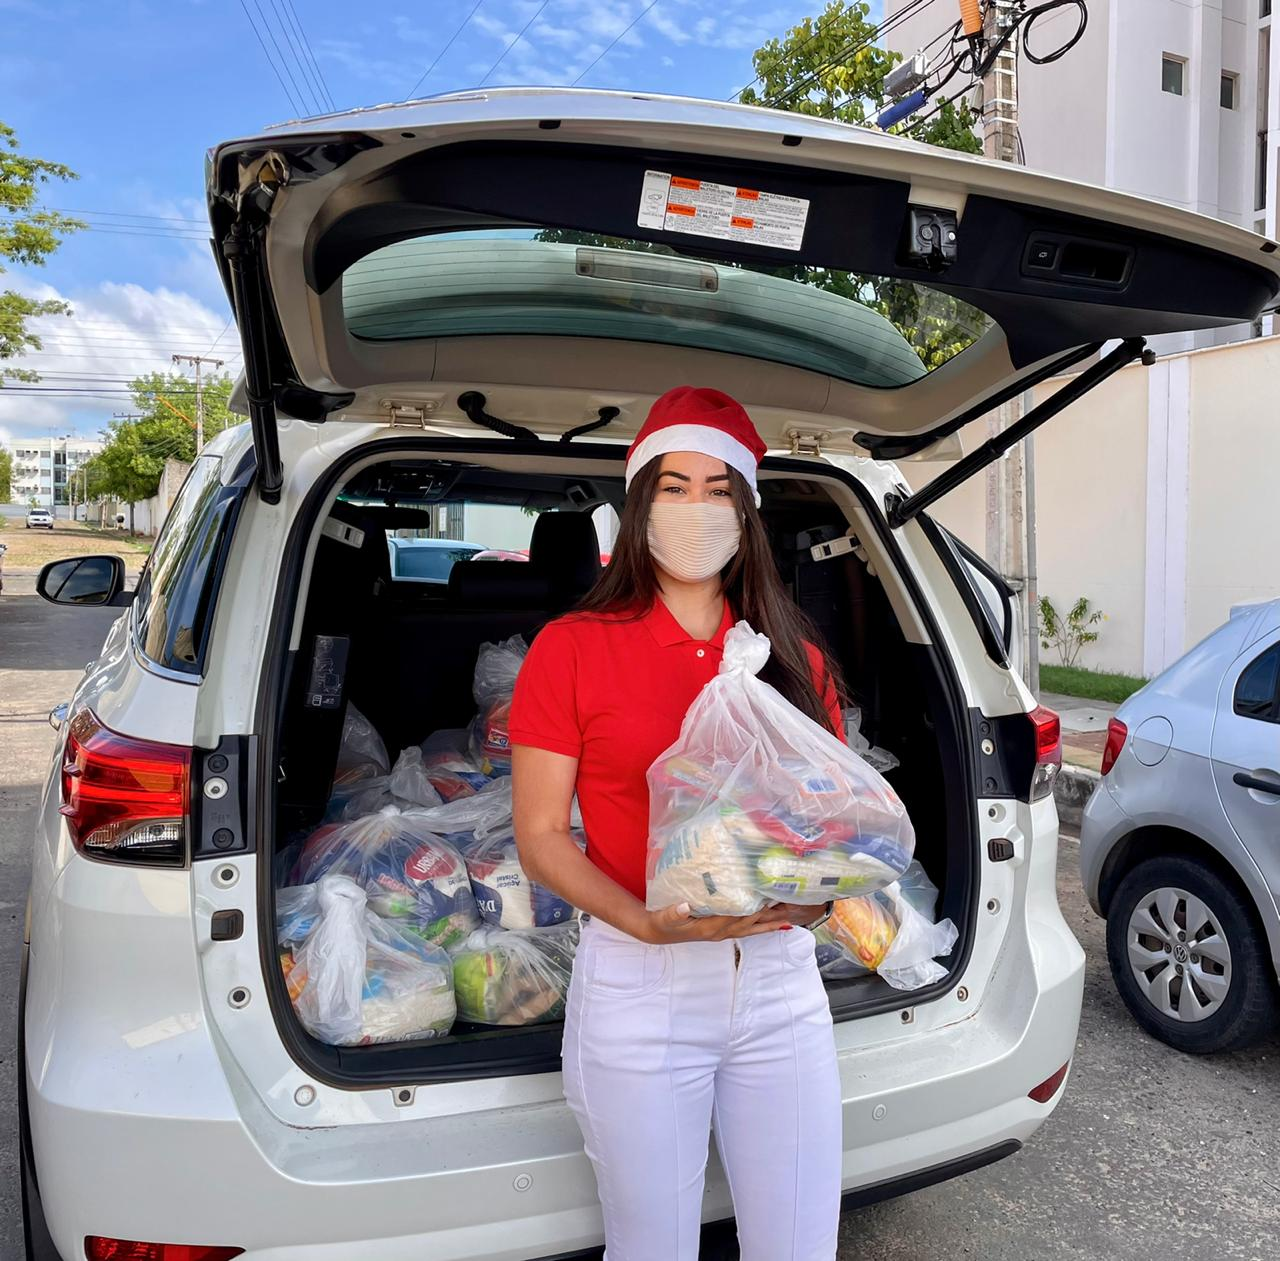 Vereadora Fernanda Gomes faz entrega de doações às famílias carentes - Imagem 2